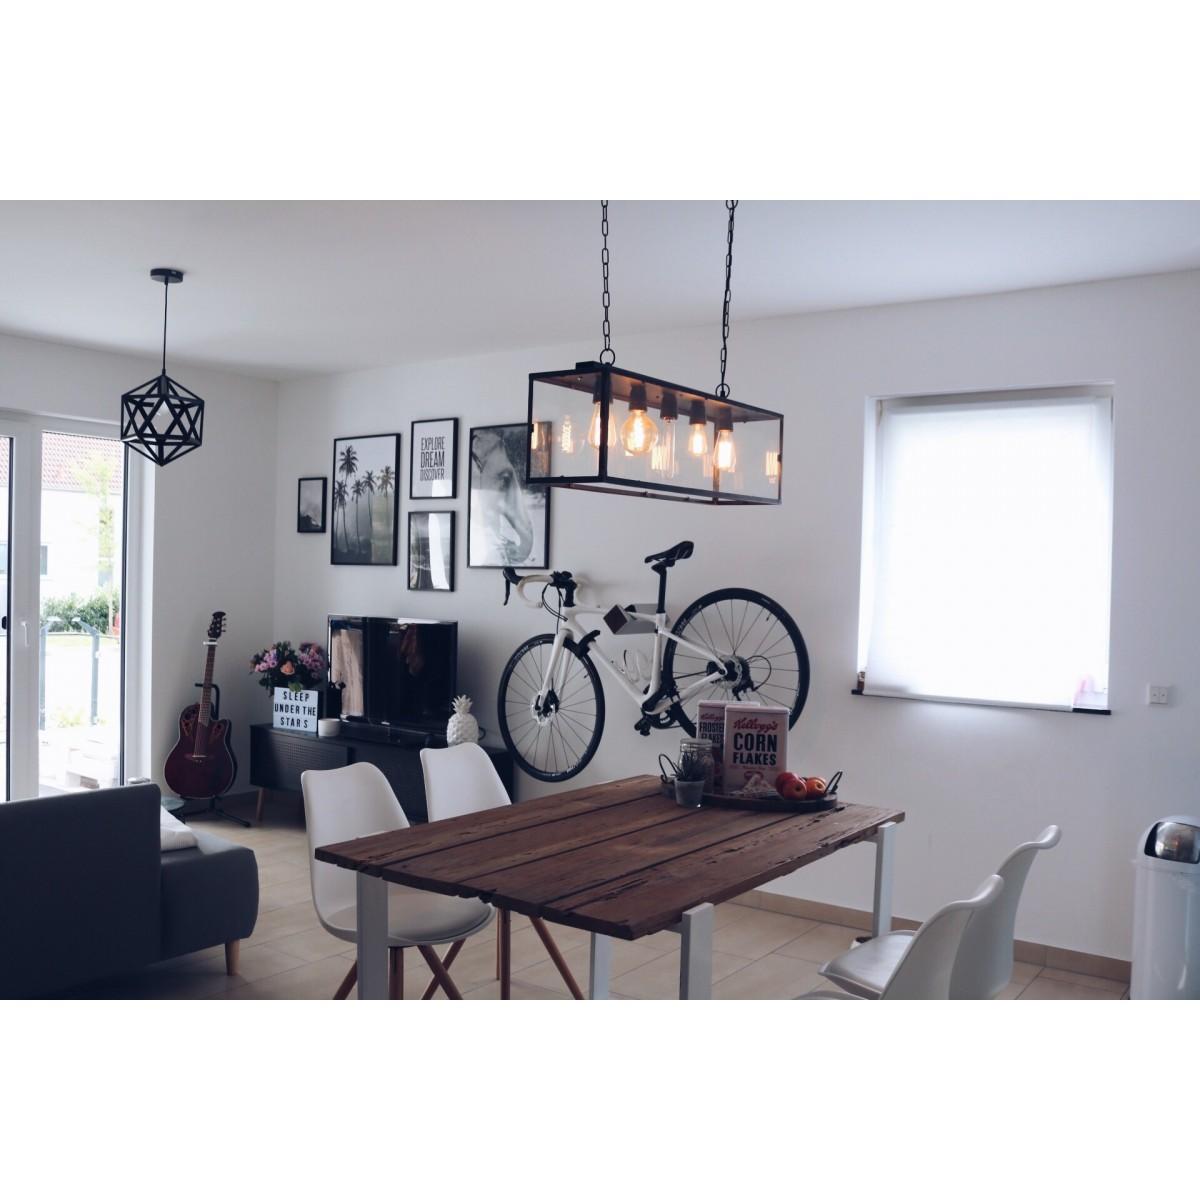 Stilvolle Design Fahrrad Wandhalterung | PARAX® D-RACK | für Rennrad, Hardtail, Cityrad & Tourenrad | Silber - Rot mit Kebony Holz